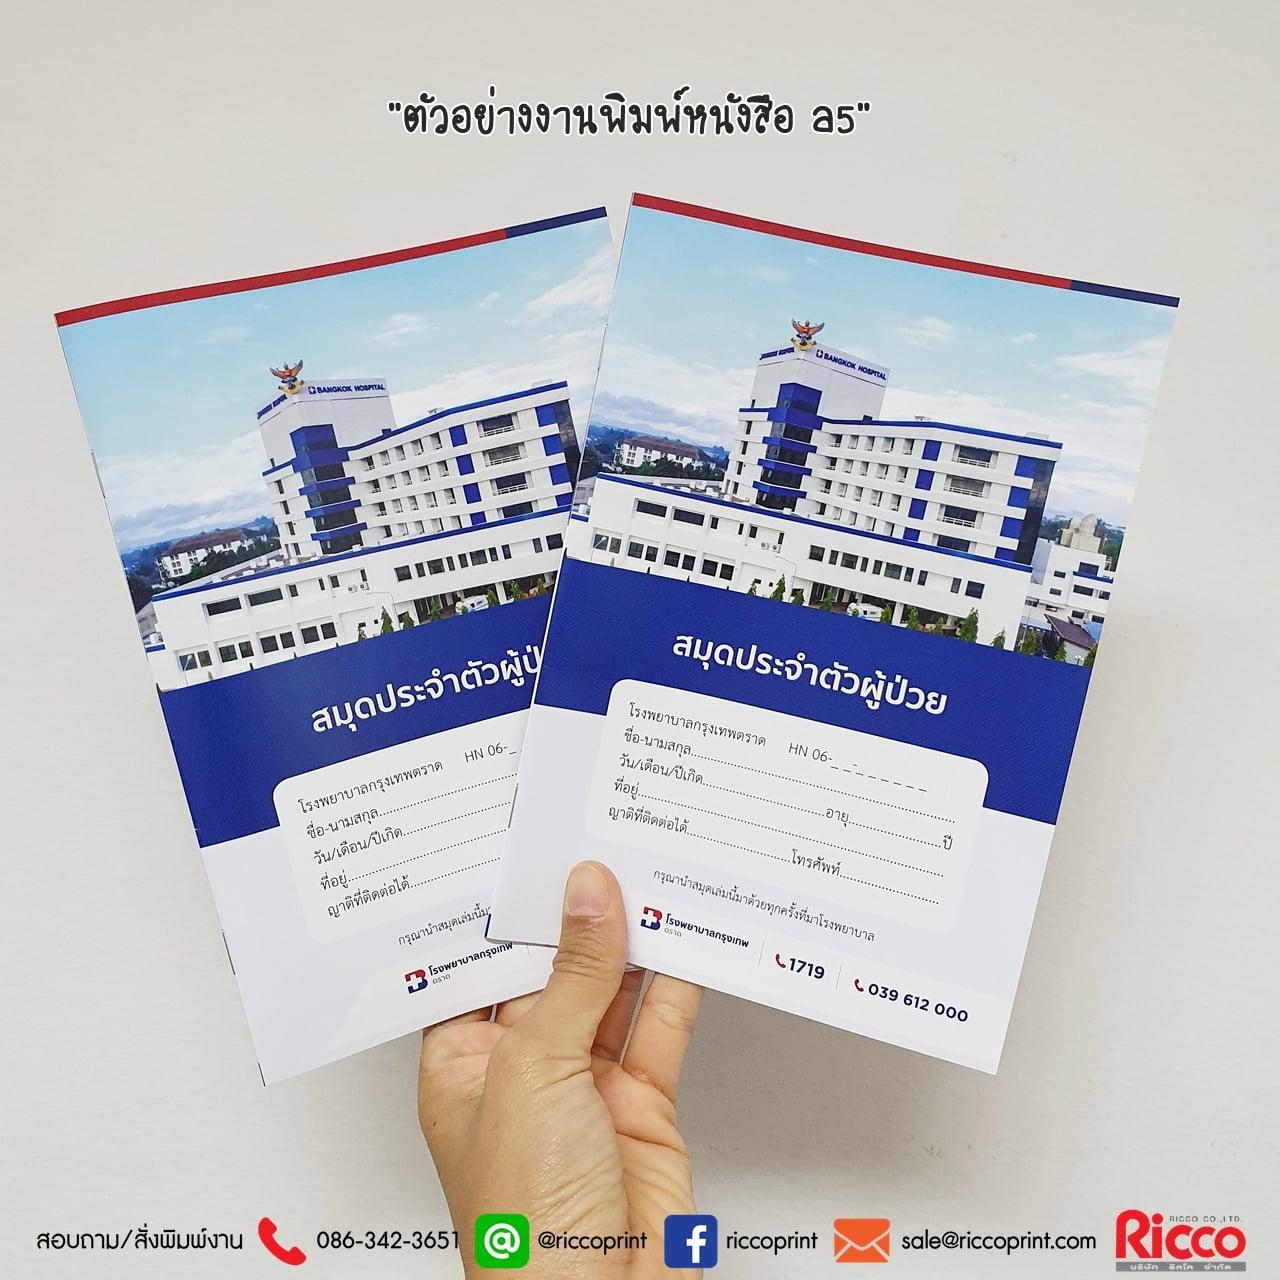 รูป Booklet 2019 09 - ประกอบเนื้อหา หนังสือ คู่มือ Booklet